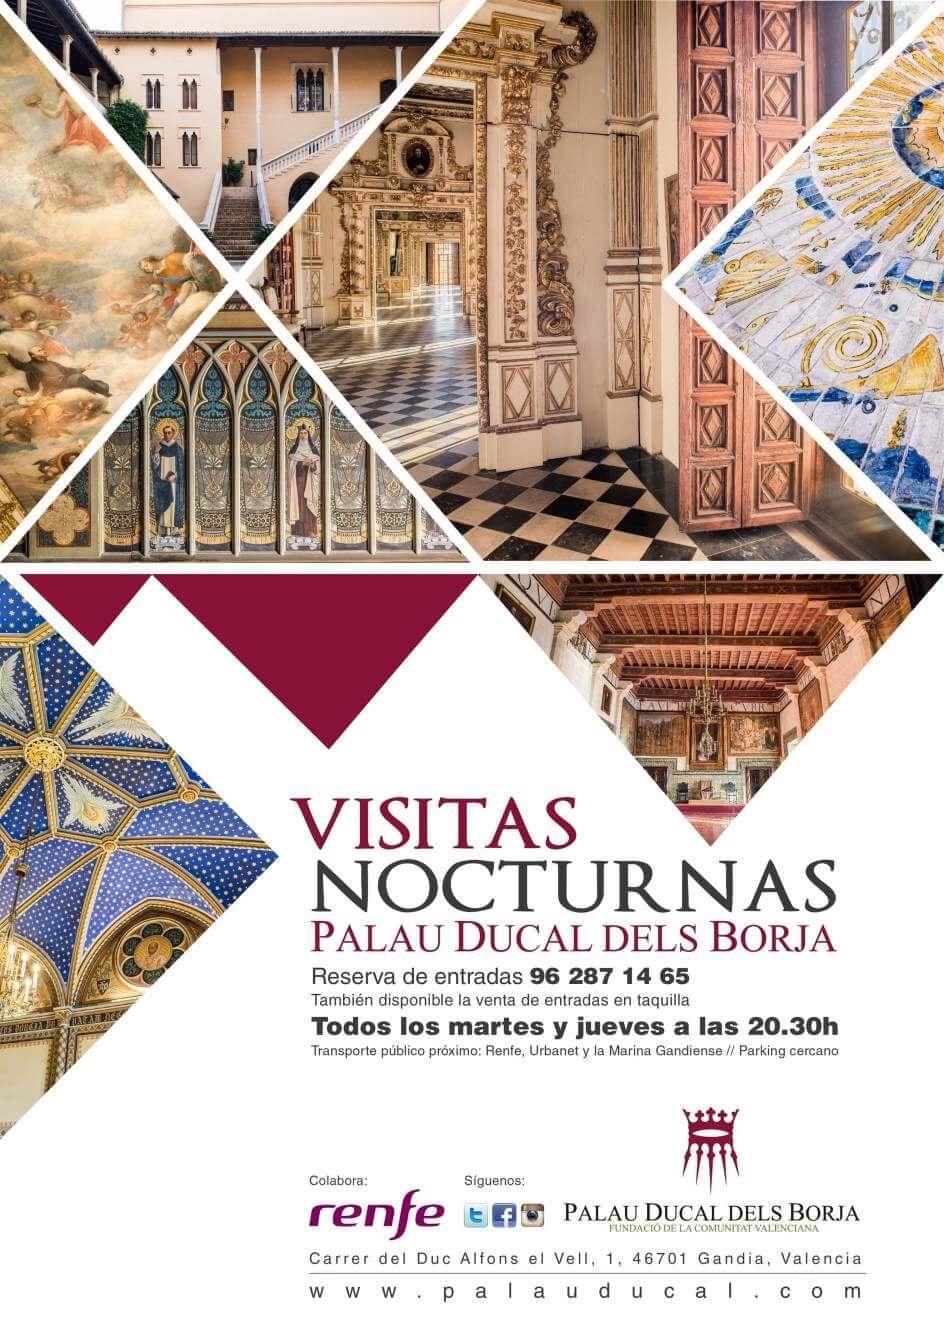 imagen del folleto visitas nocturnas al palau ducal de las actividades en Gandia playa julio 2019